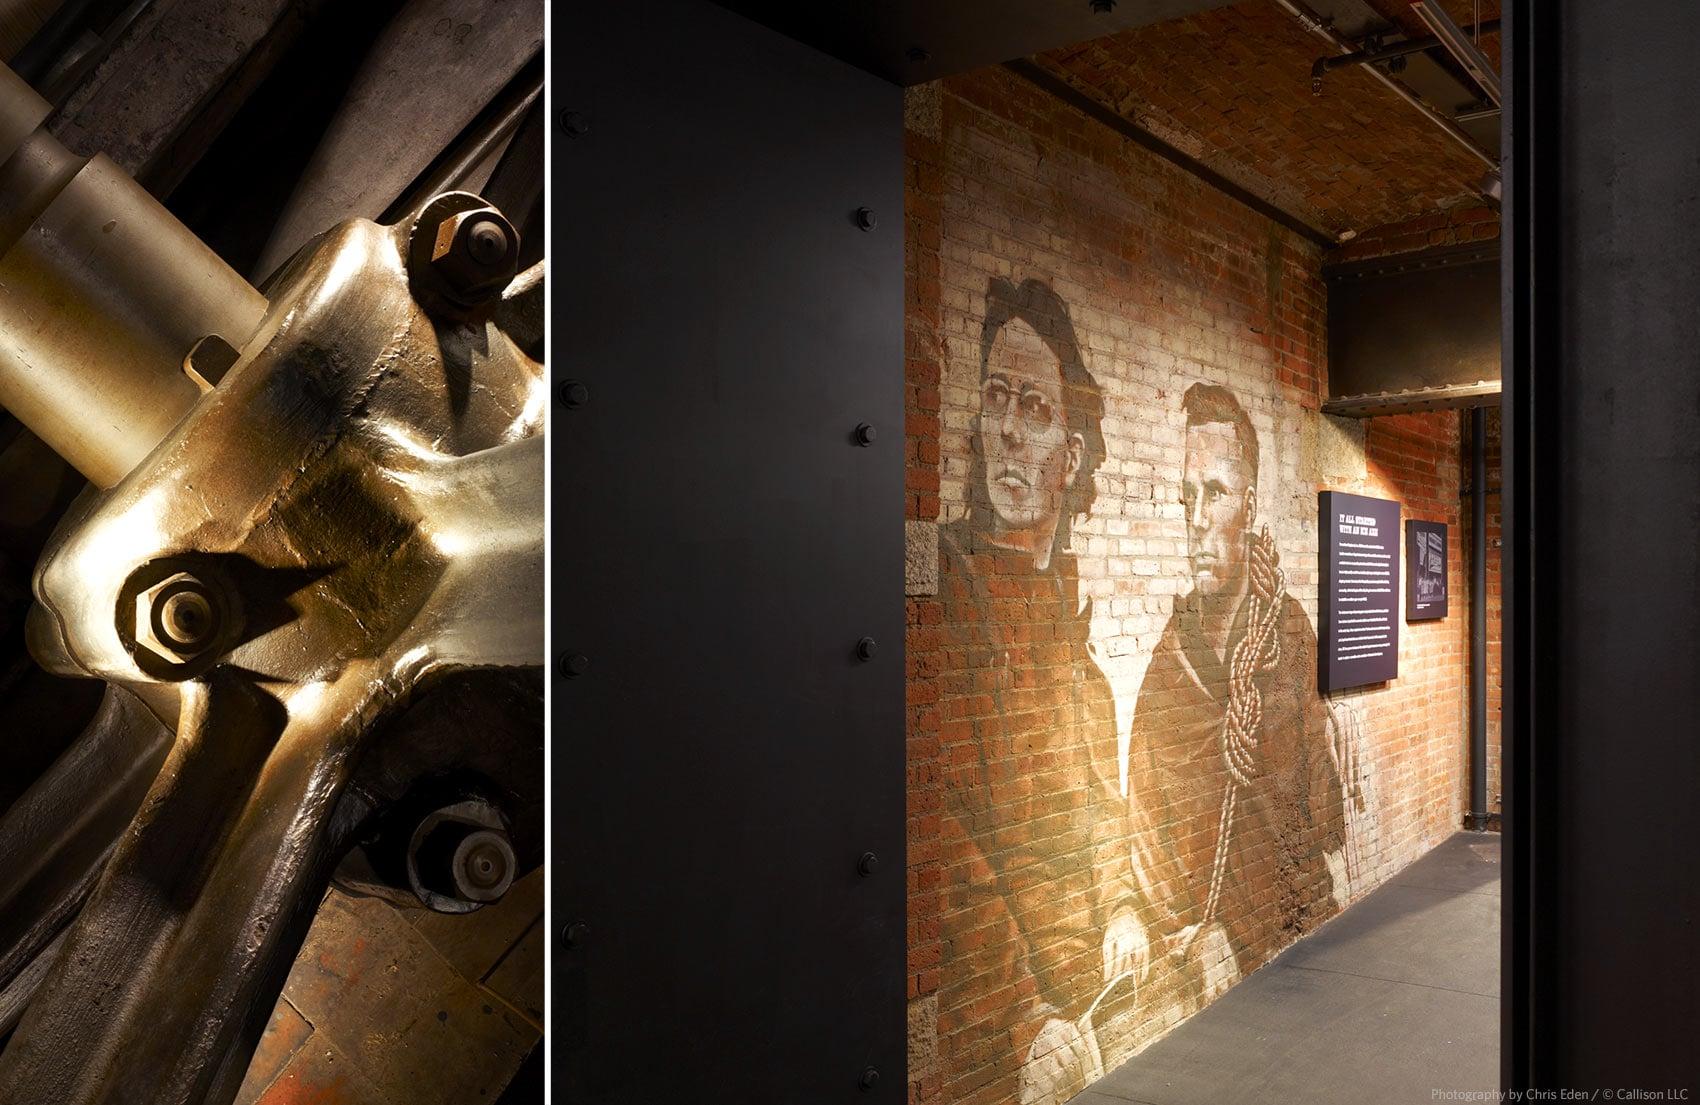 REI, Soho - NYC - Printing press flywheel - Founders mural